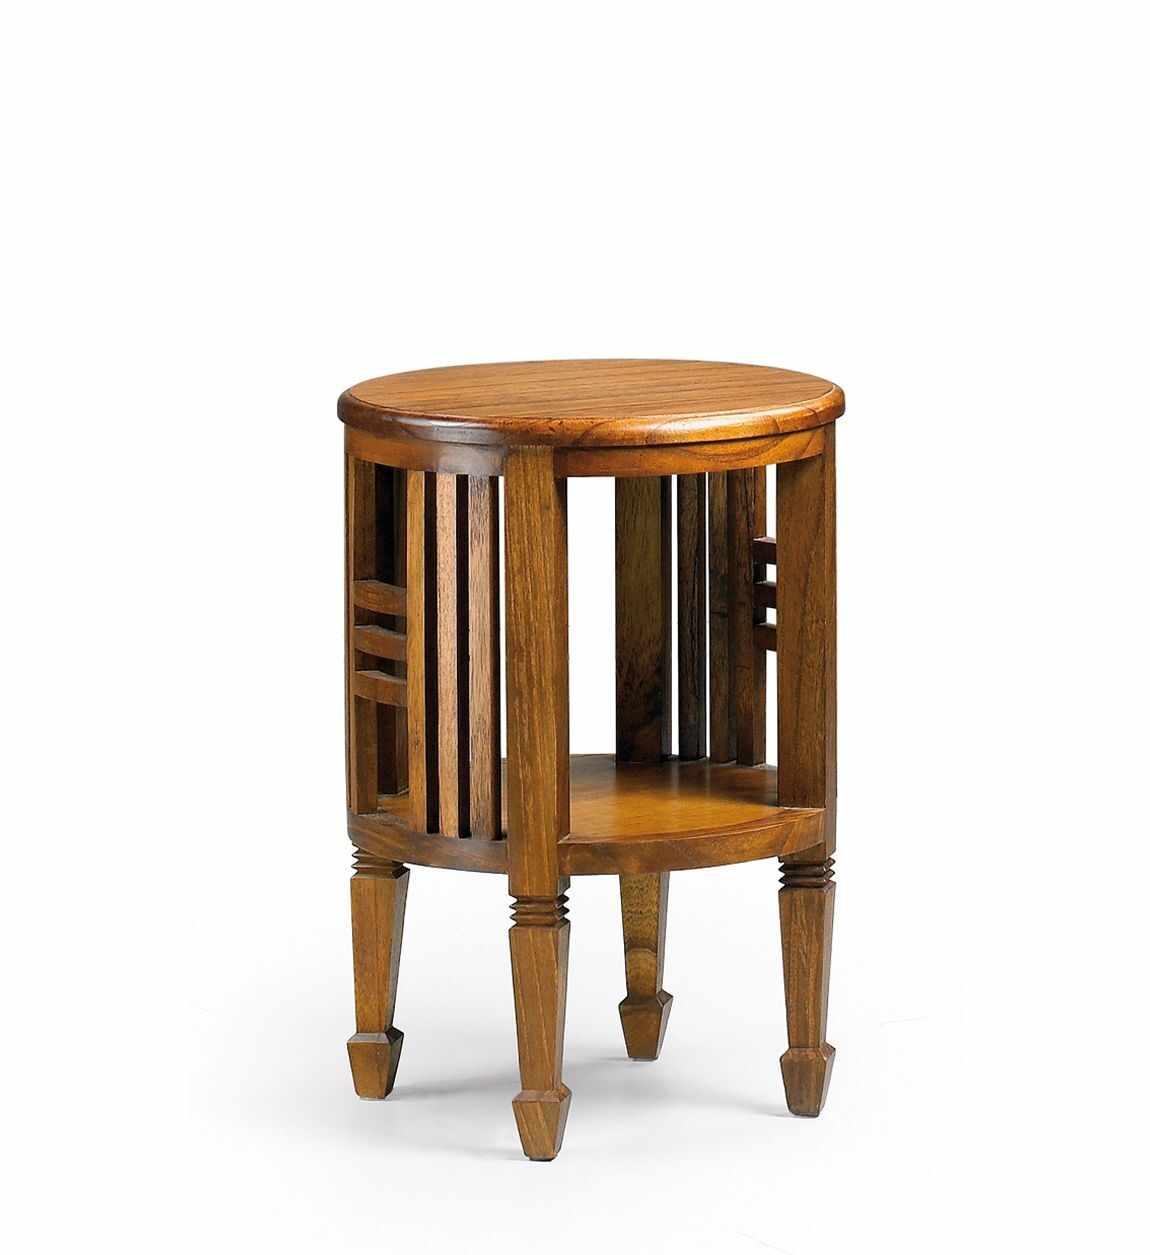 Masa minibar din lemn, Star Nuc, Ø45xH66 cm la pret 1025 lei